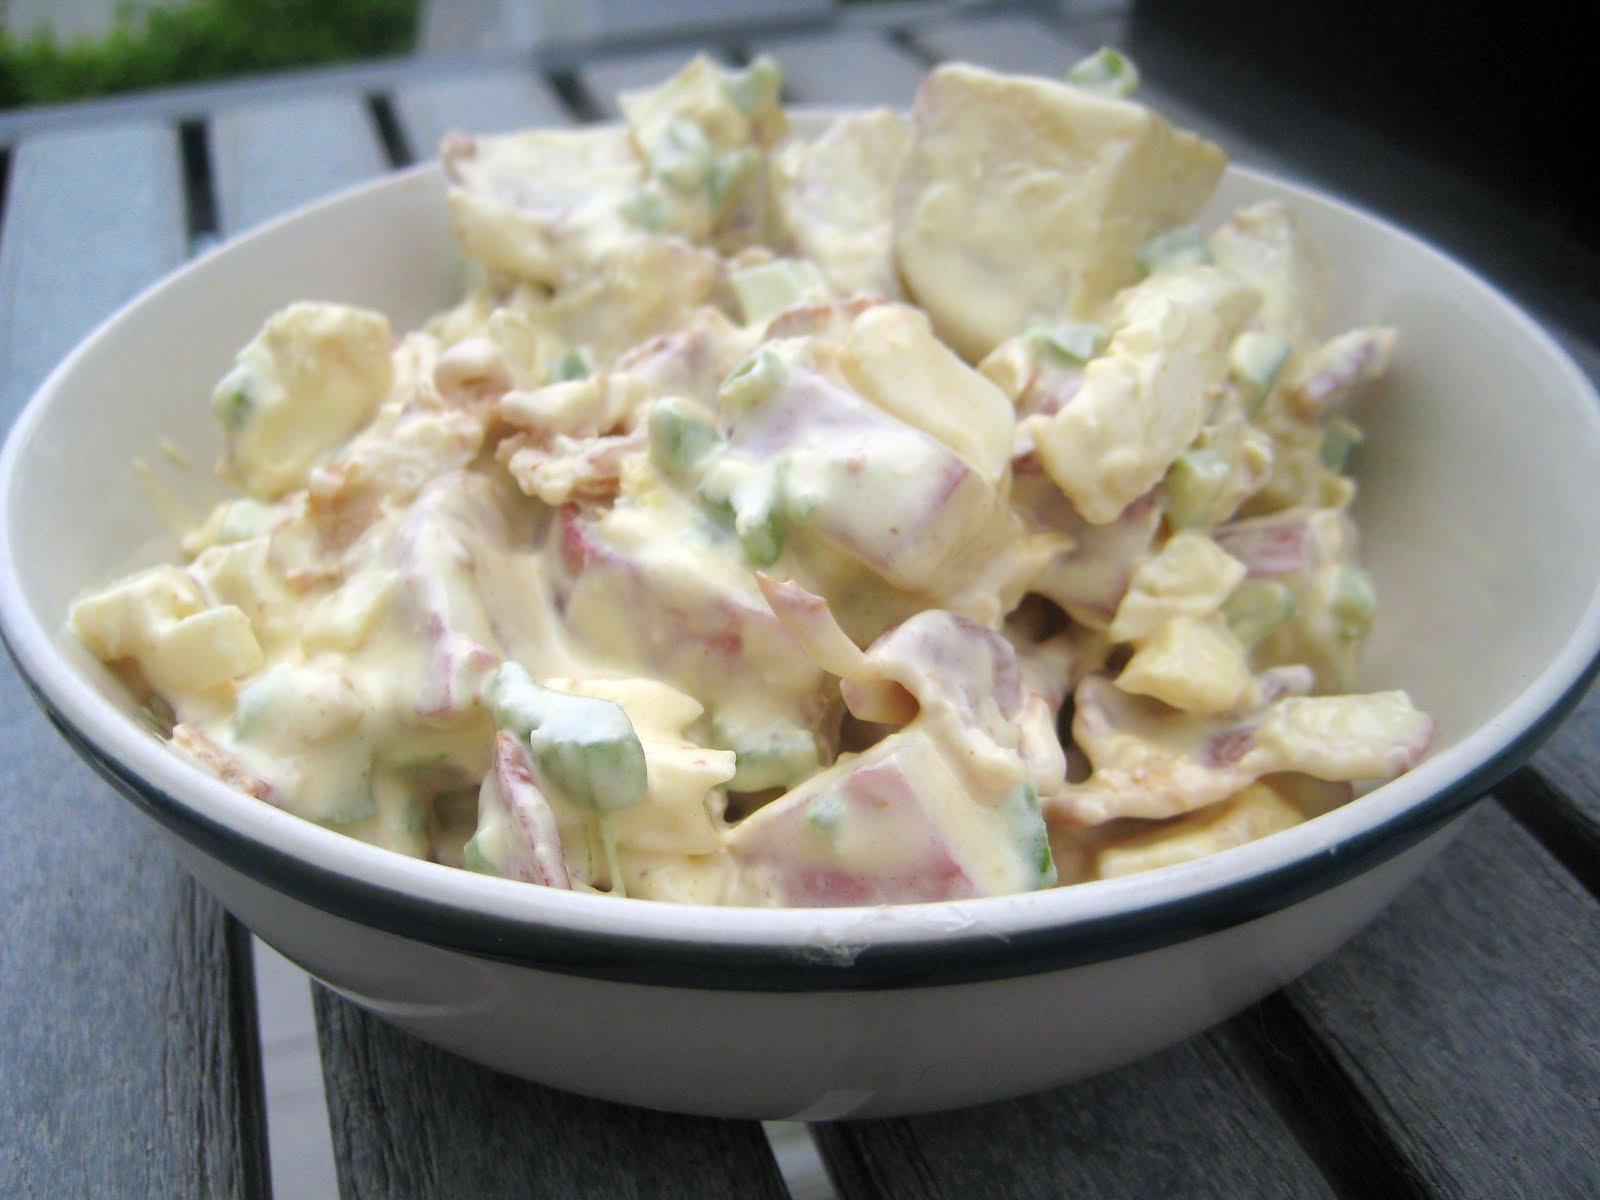 Bitchin' Kitchen: Best Ever Potato Salad